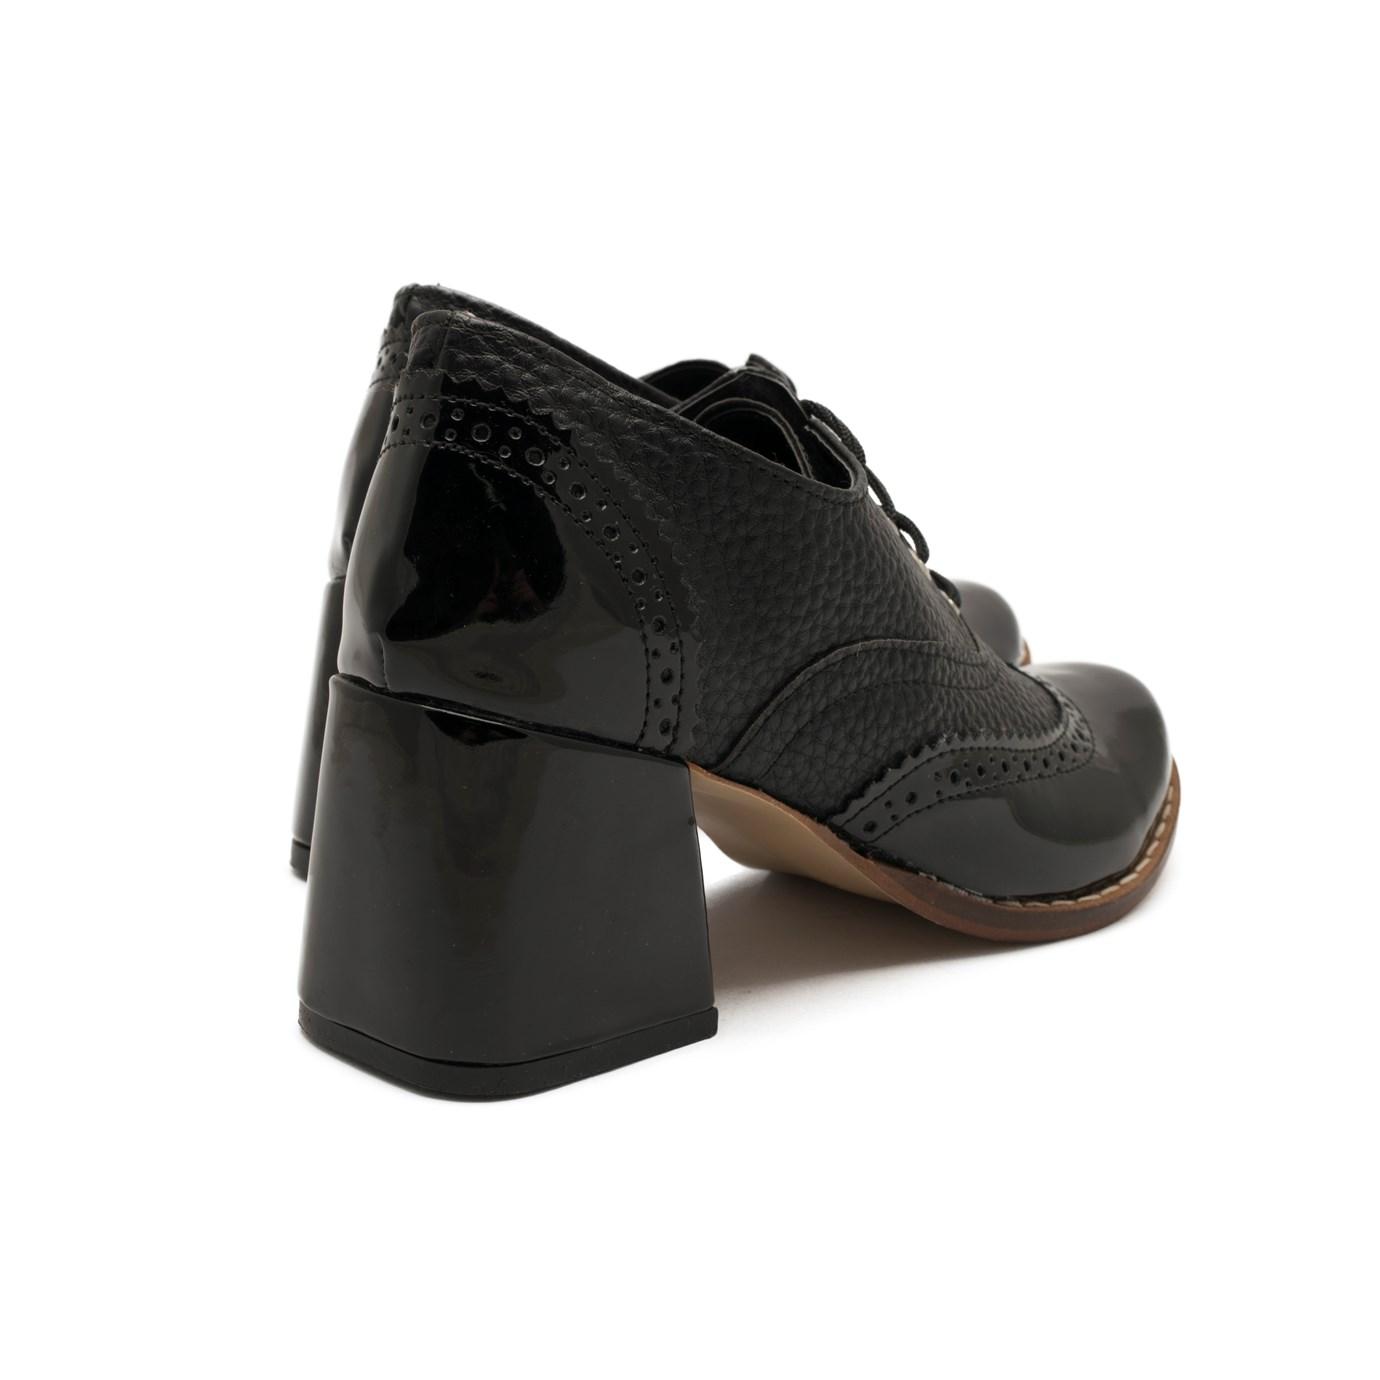 Limite Punto Mujer Acordonado Zapatos Zapatos fb6gyY7